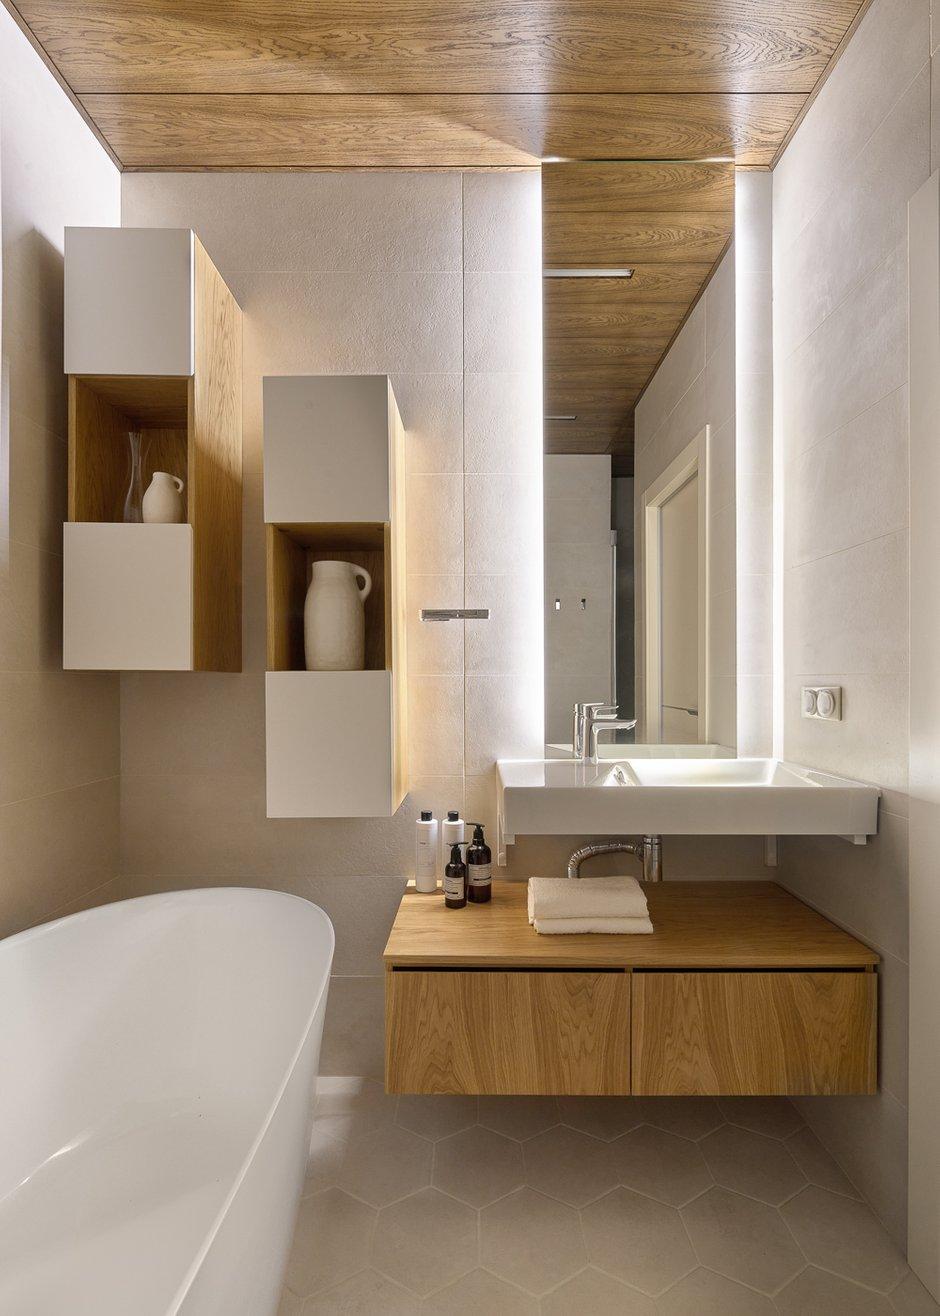 В ванной для полотенец и бытовой химии предусмотрены навесные полки и тумба под раковиной.